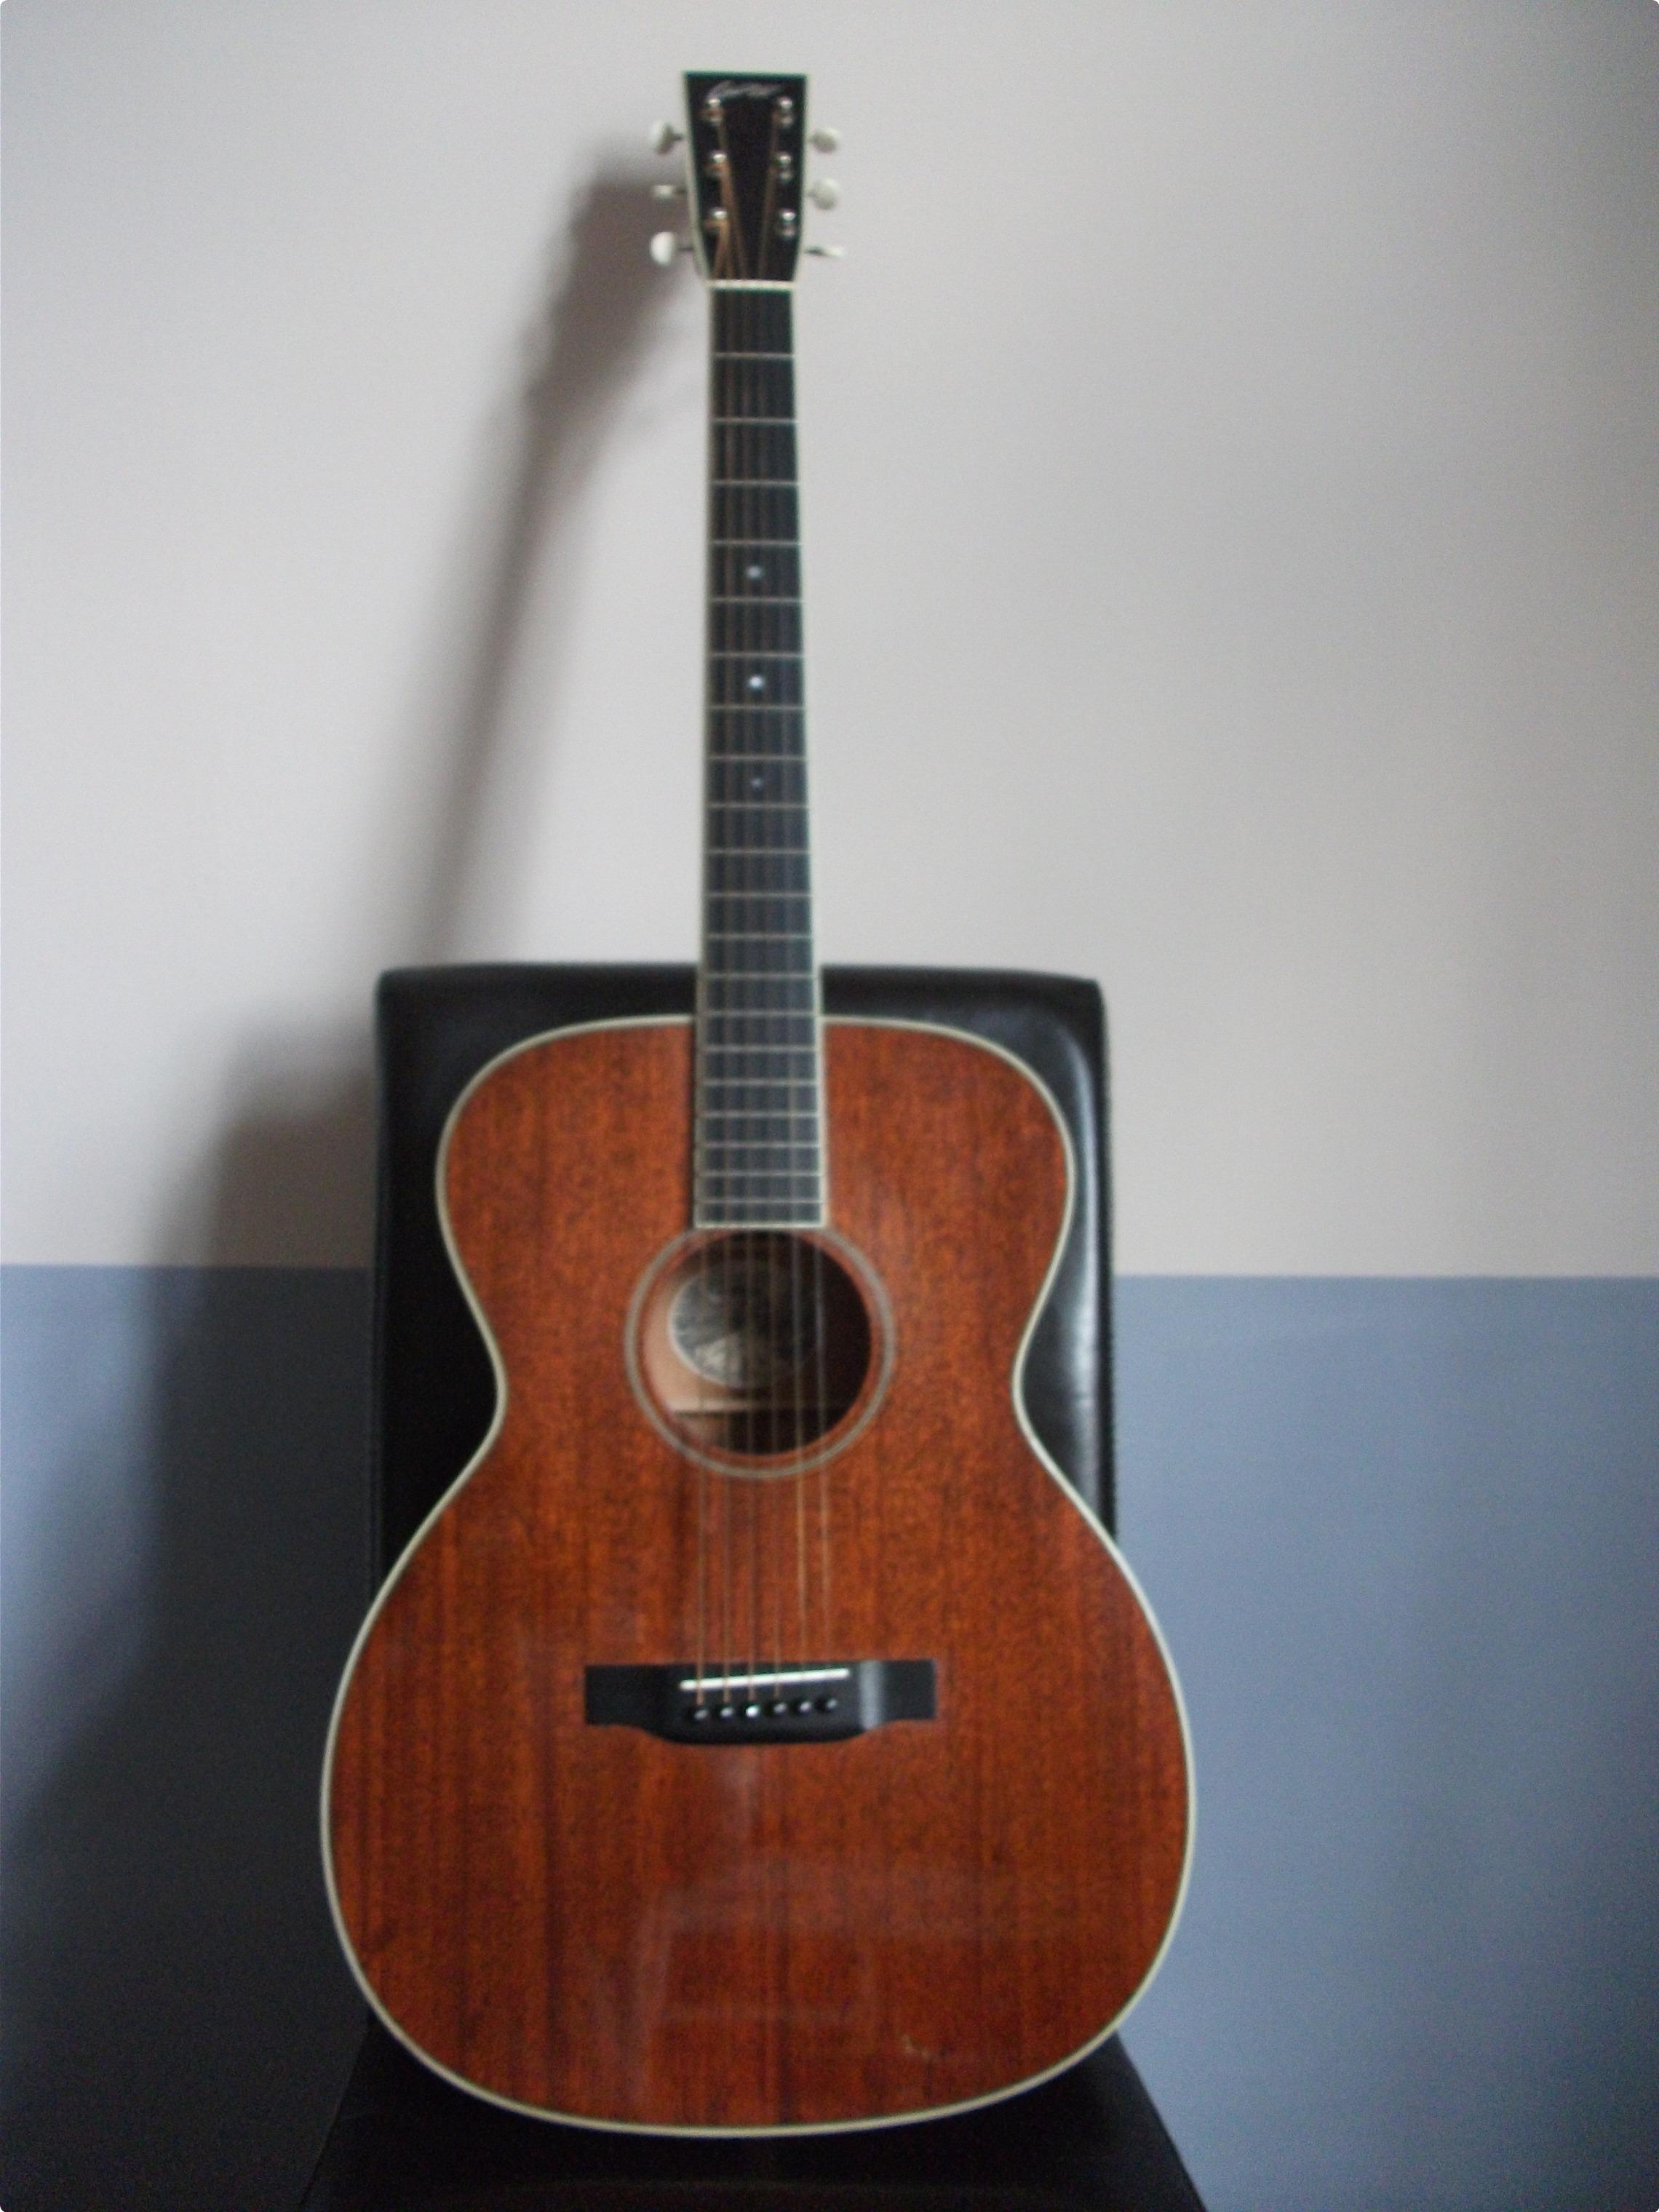 collings om1 mh 2007 guitar for sale. Black Bedroom Furniture Sets. Home Design Ideas